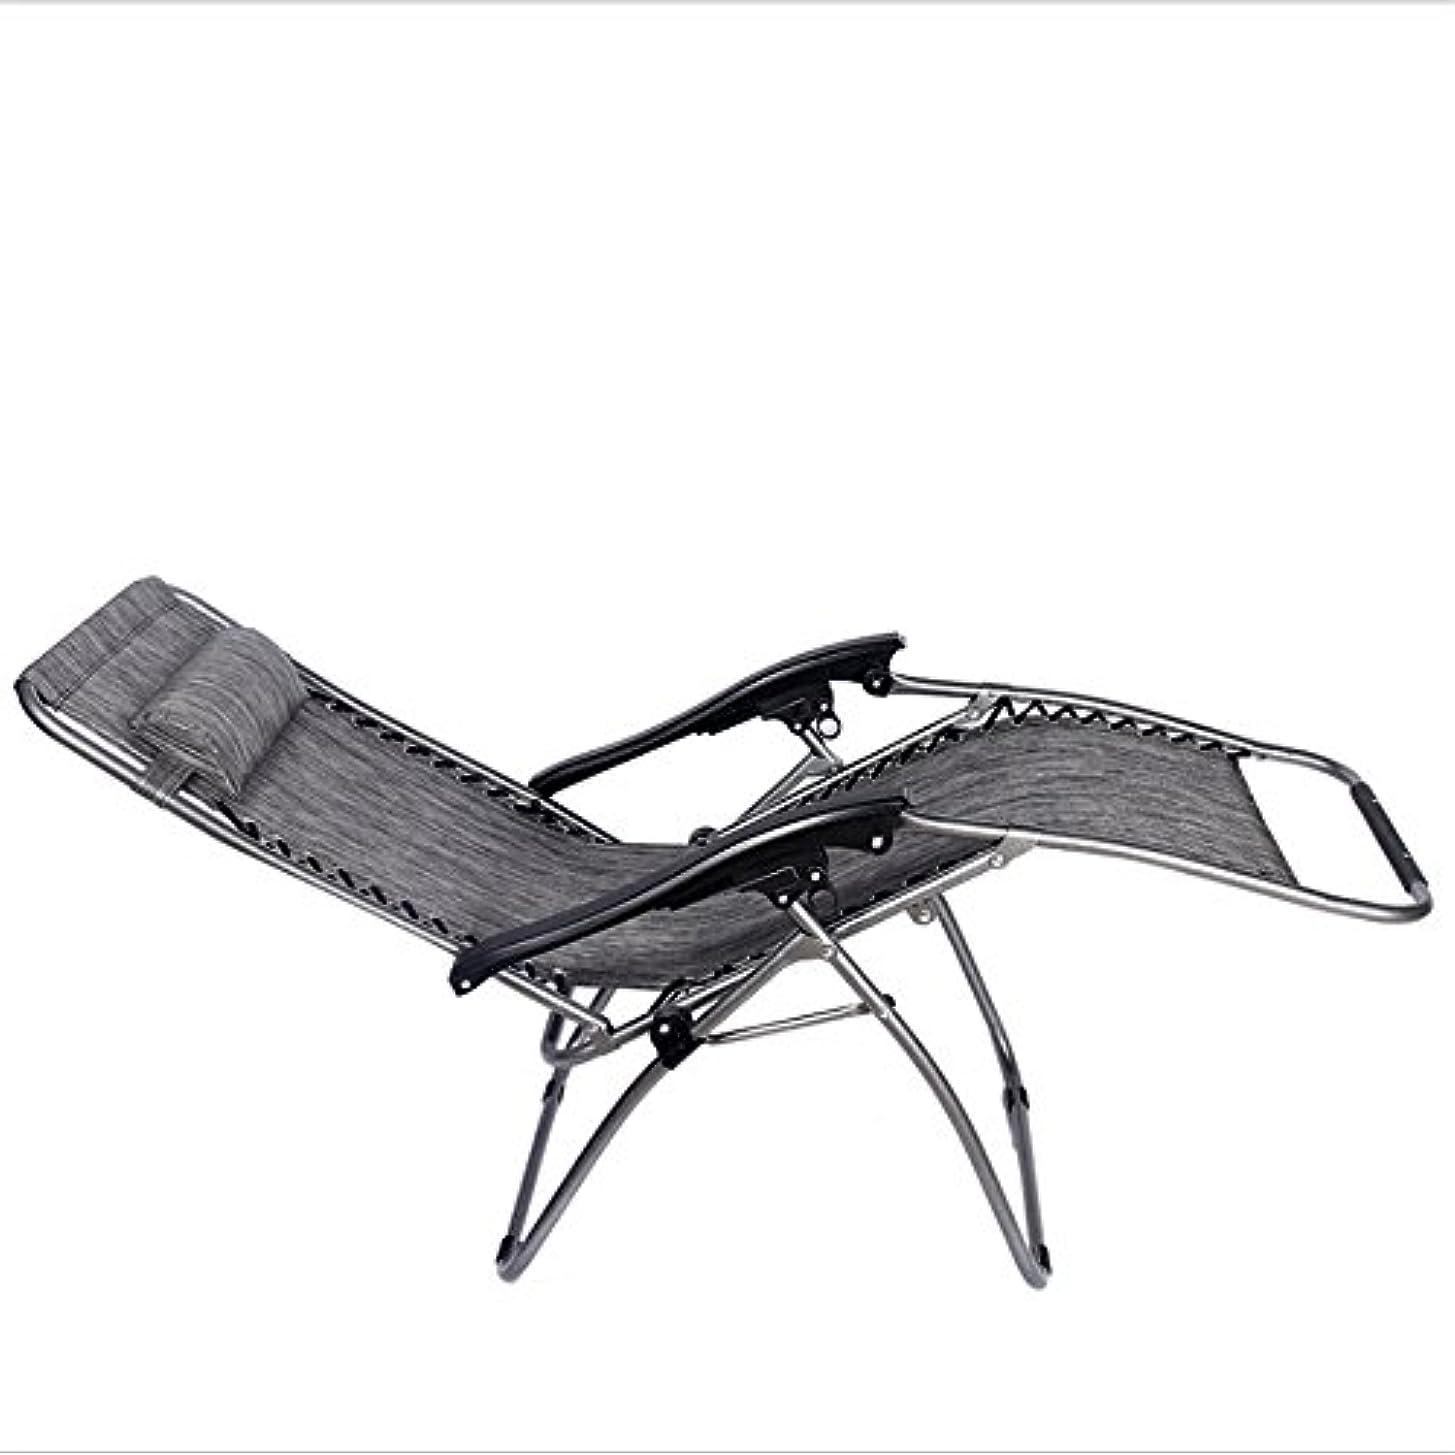 ミニかどうか添加22チューブ折りたたみ椅子リクライニングチェアチェア高級ランチランチソファテスフォレストレジャーチェアビーチチェア用ホームヤード アウトドア キャンプ用